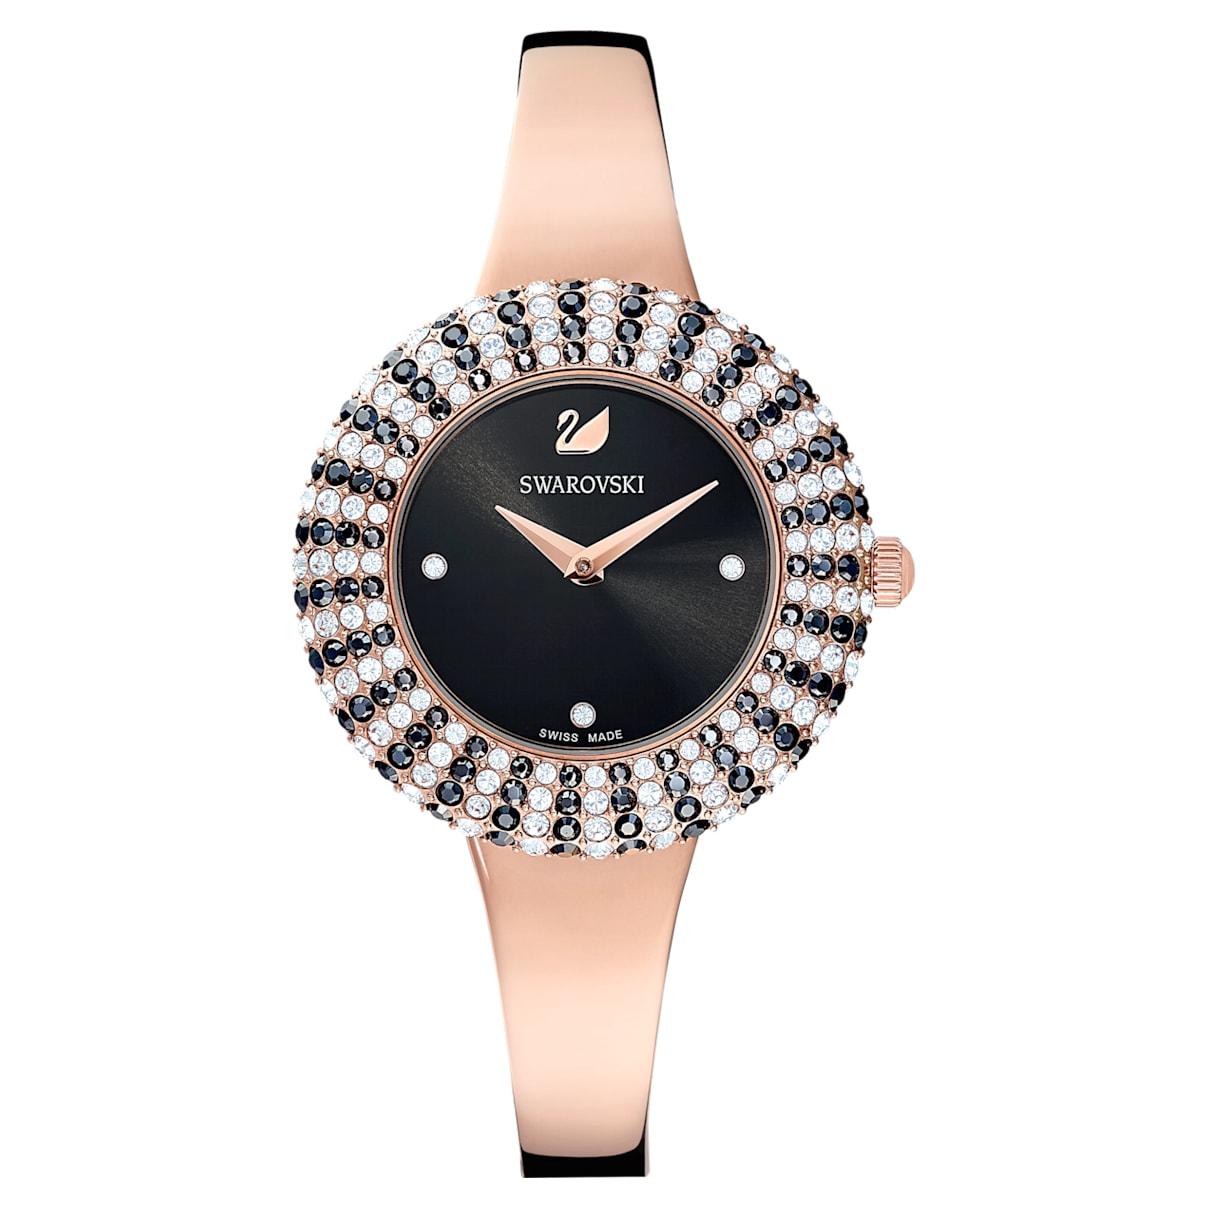 Orologio Crystal Rose, Bracciale di metallo, nero, PVD oro rosa